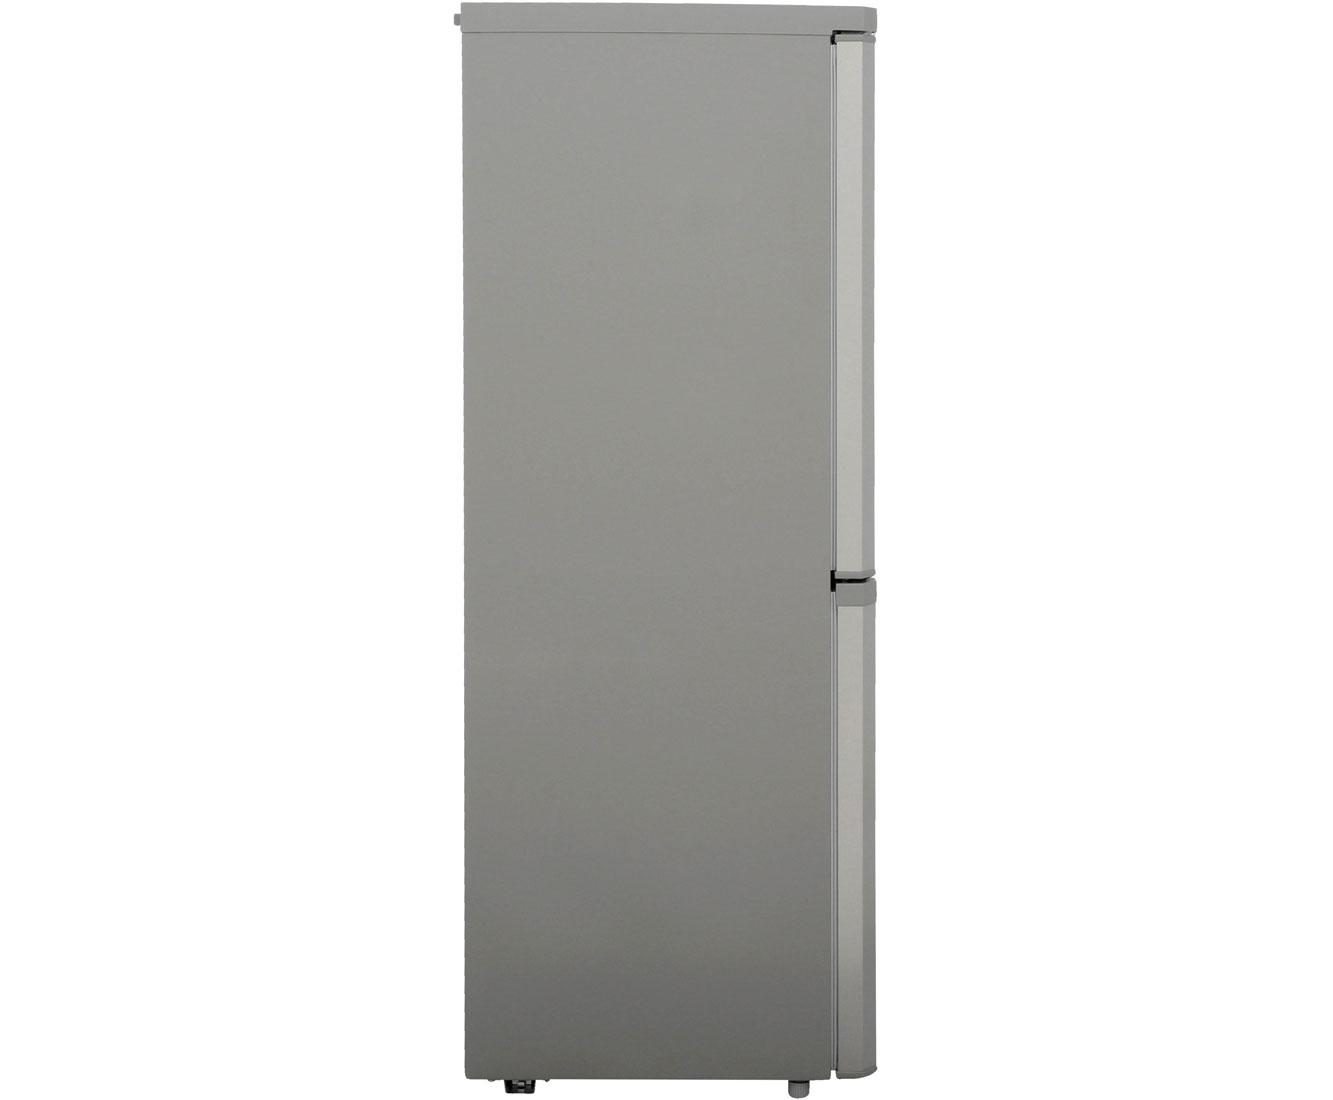 Amica Kühlschrank Gebrauchsanweisung : Amica retro kühlschrank bedienungsanleitung: amica stark in sachen